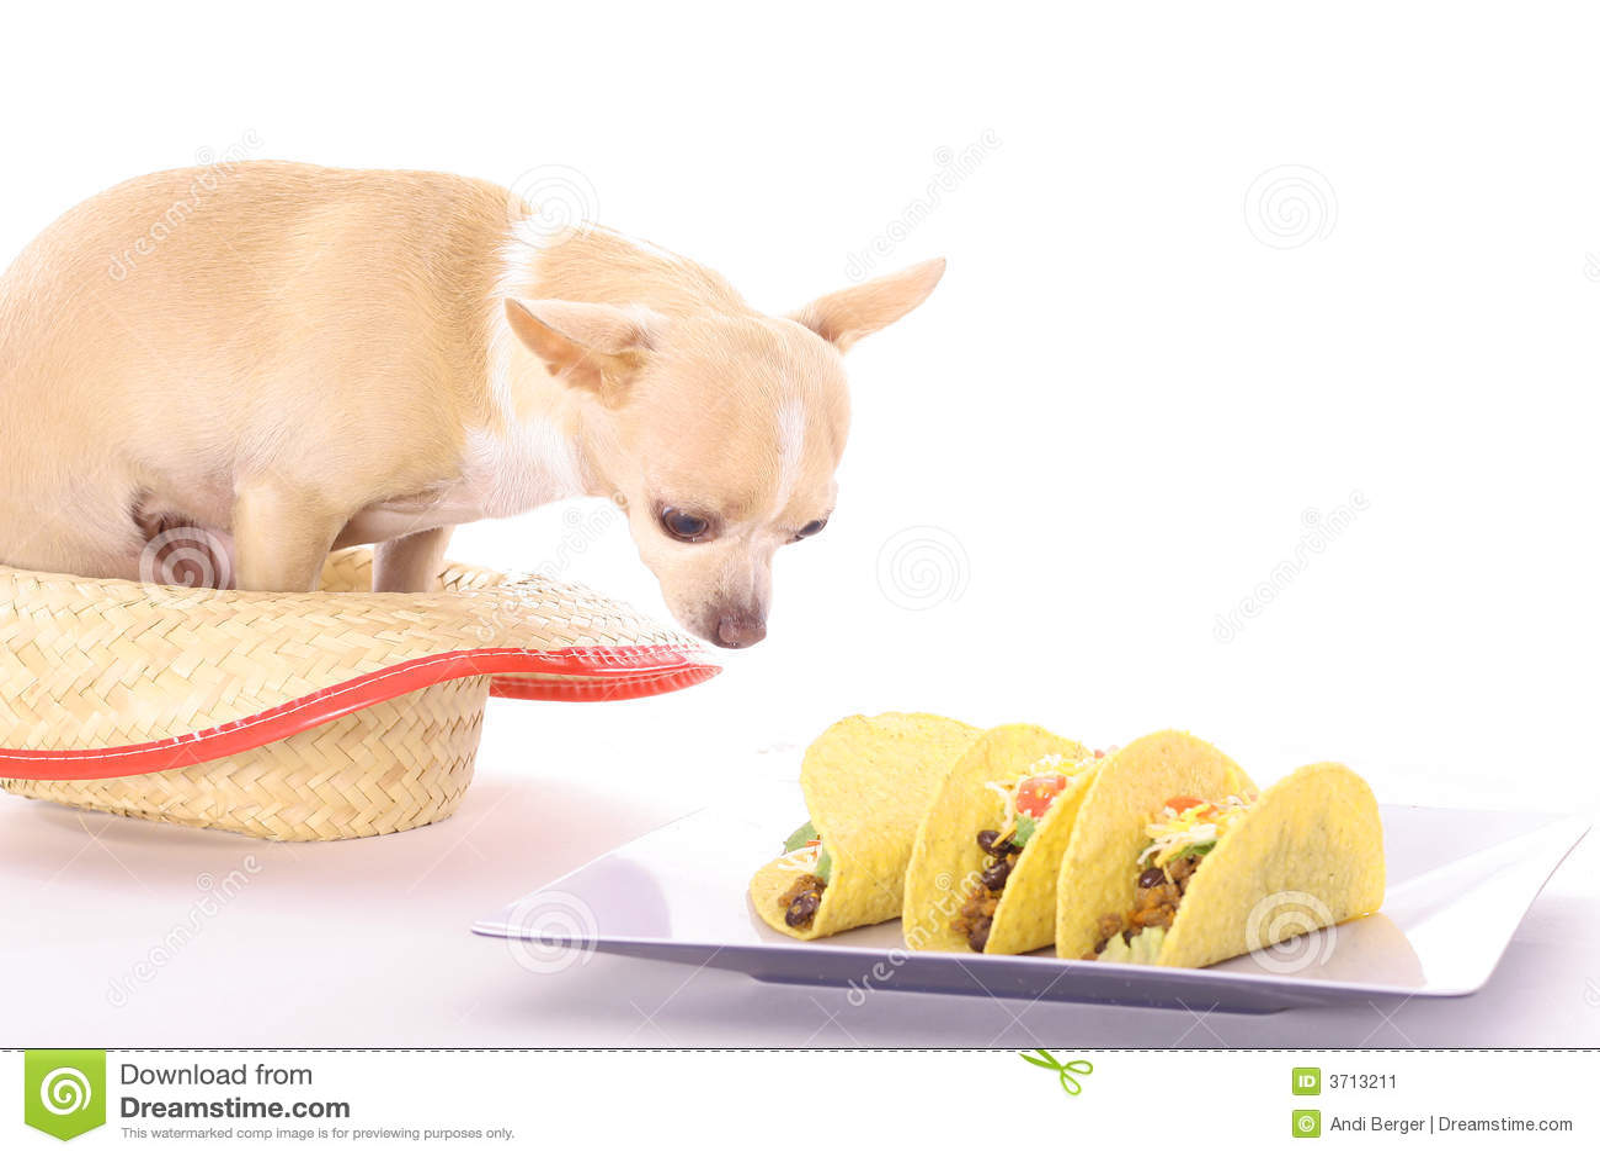 Tacos chihuahua